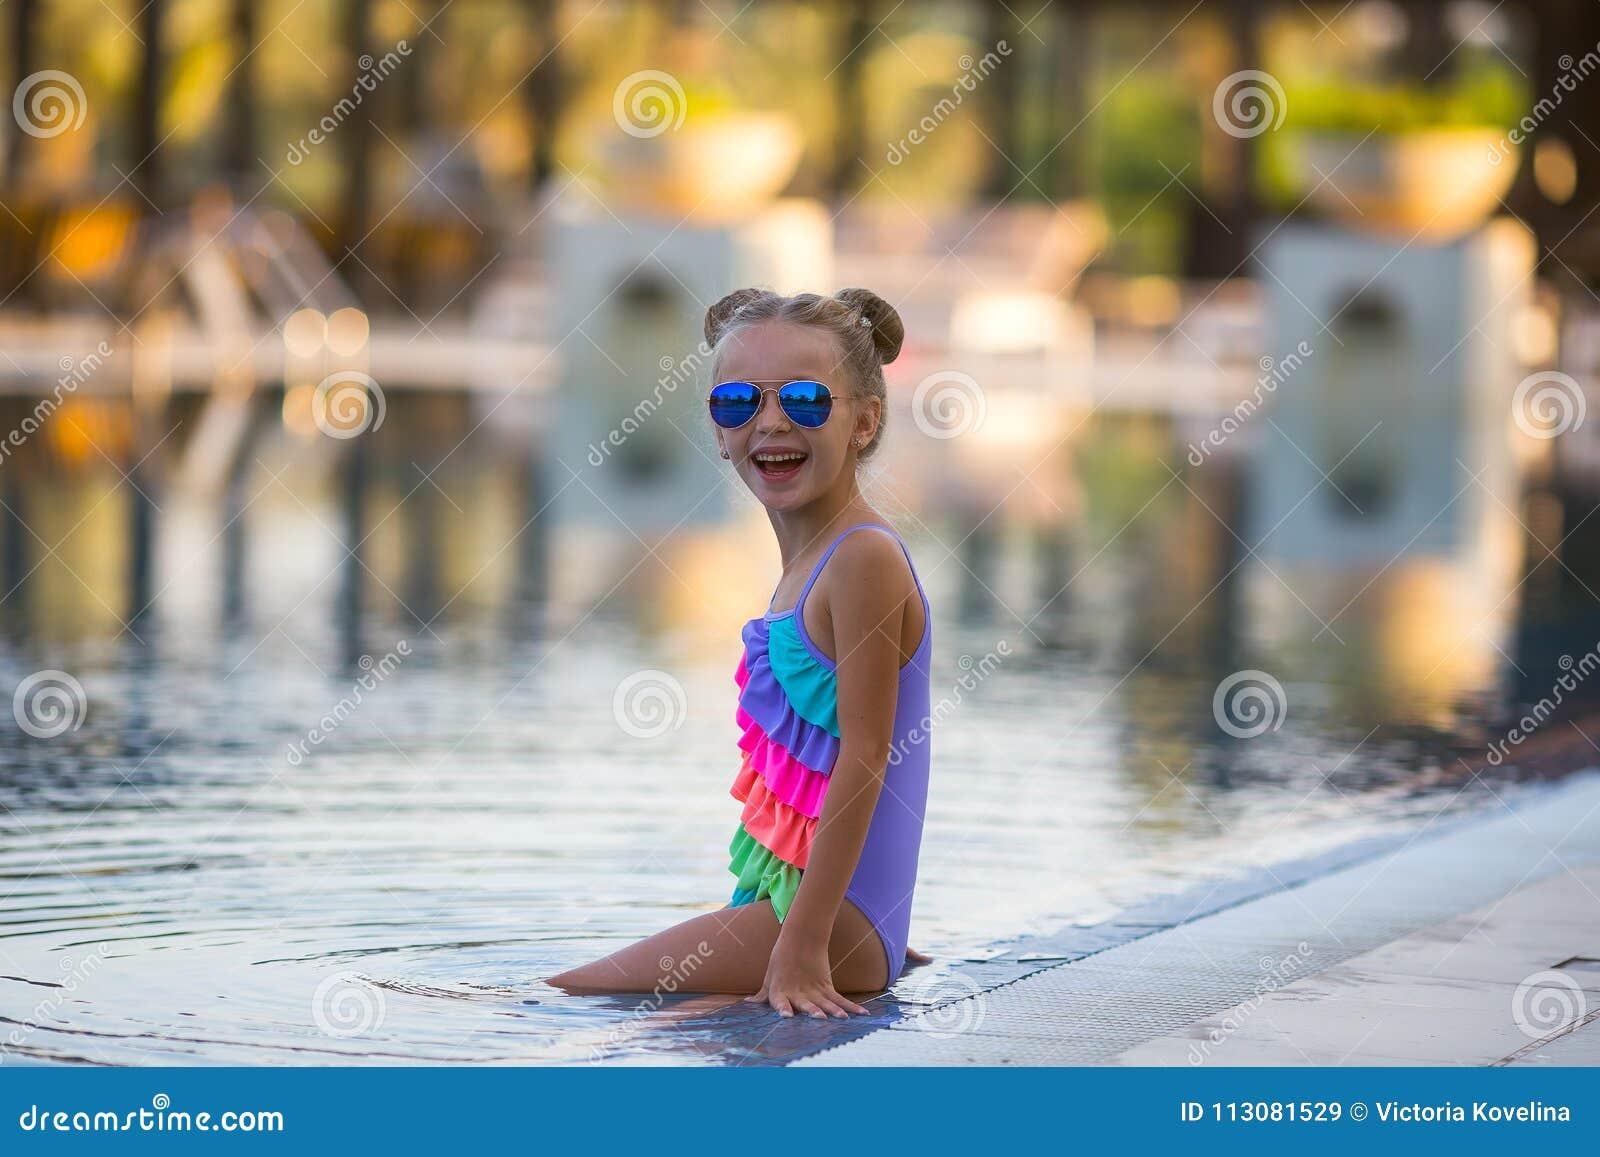 Piękna dziewczyna w swimsuit pływa w basenie latem